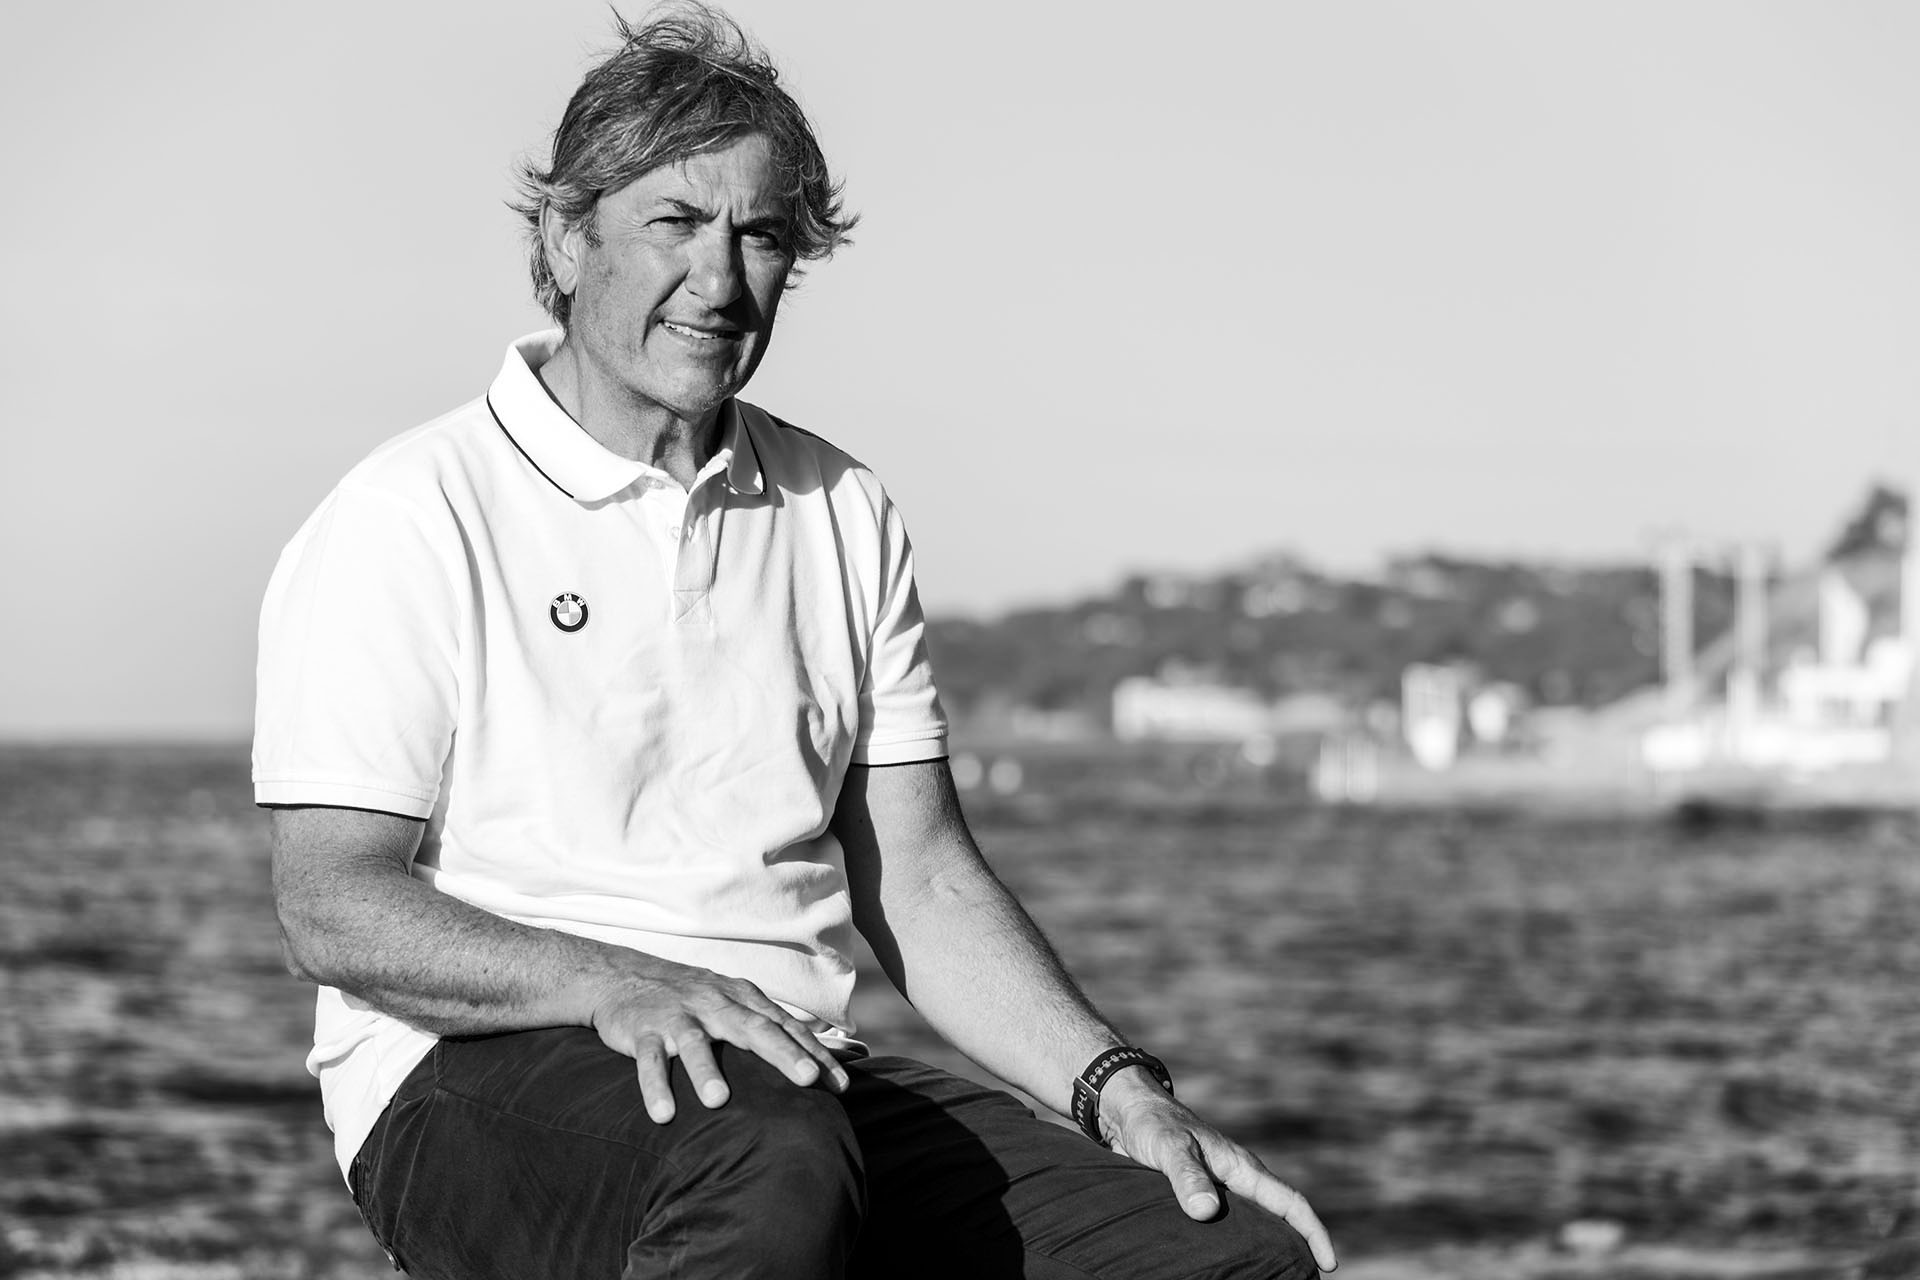 Roberto Ferrarese - skipper- Jeroboam Bmw Sail Racing Academy - Photo: © Andrea Pisapia / Spazio Orti 14